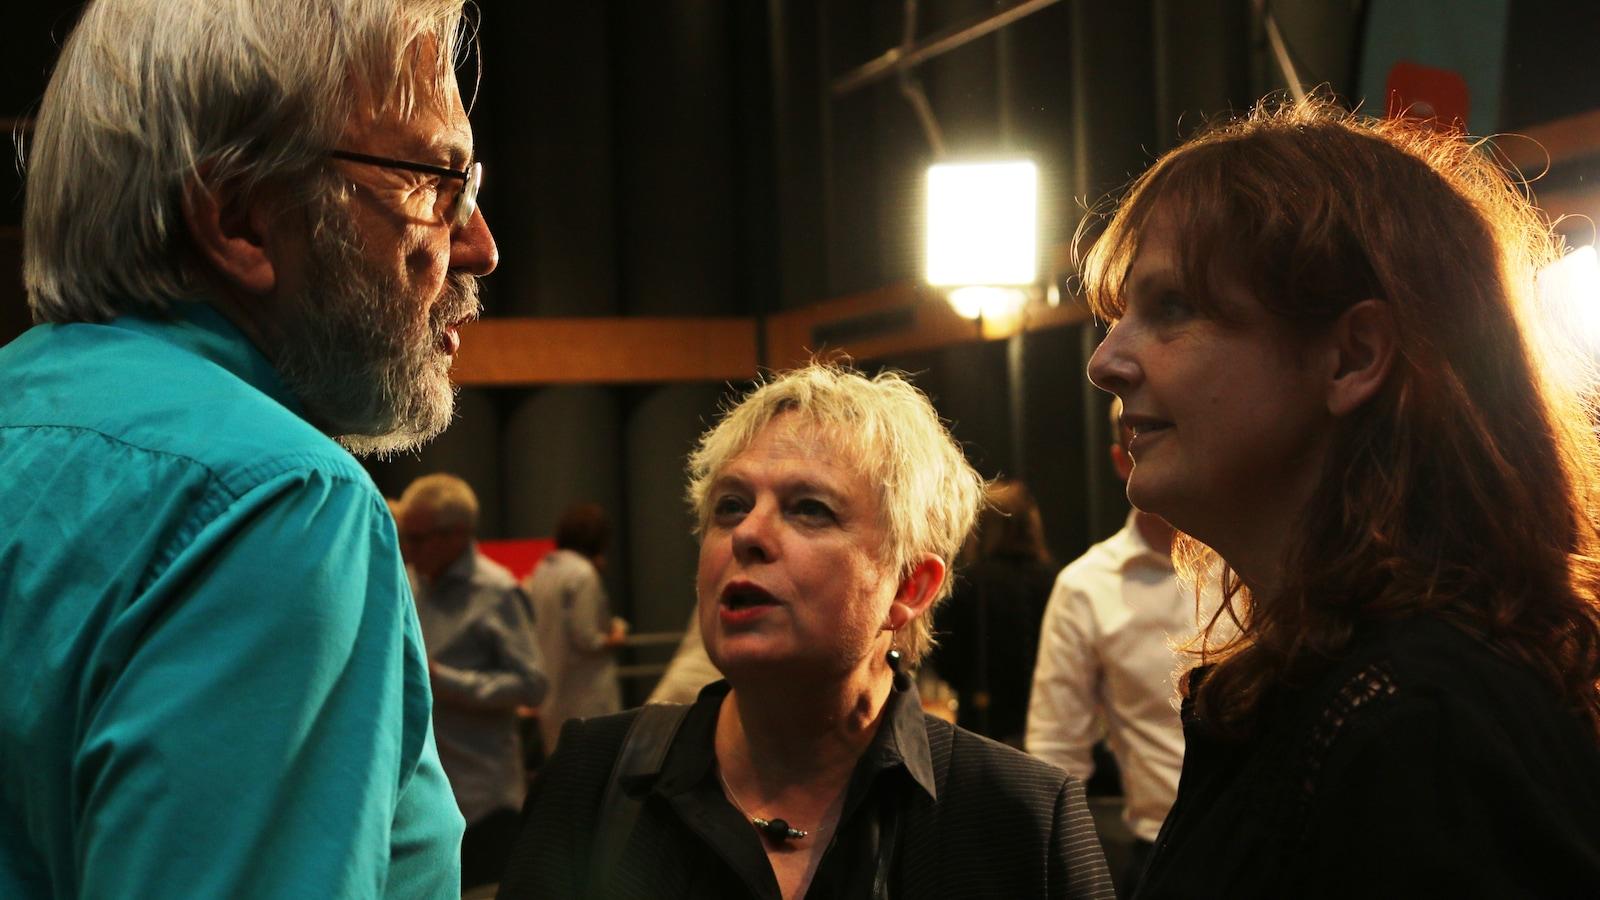 Sophie-Andrée Blondin (à droite), qui a travaillé sept ans aux <i>Années lumière</i>, souhaite bonne retraite à Yanick Villedieu.